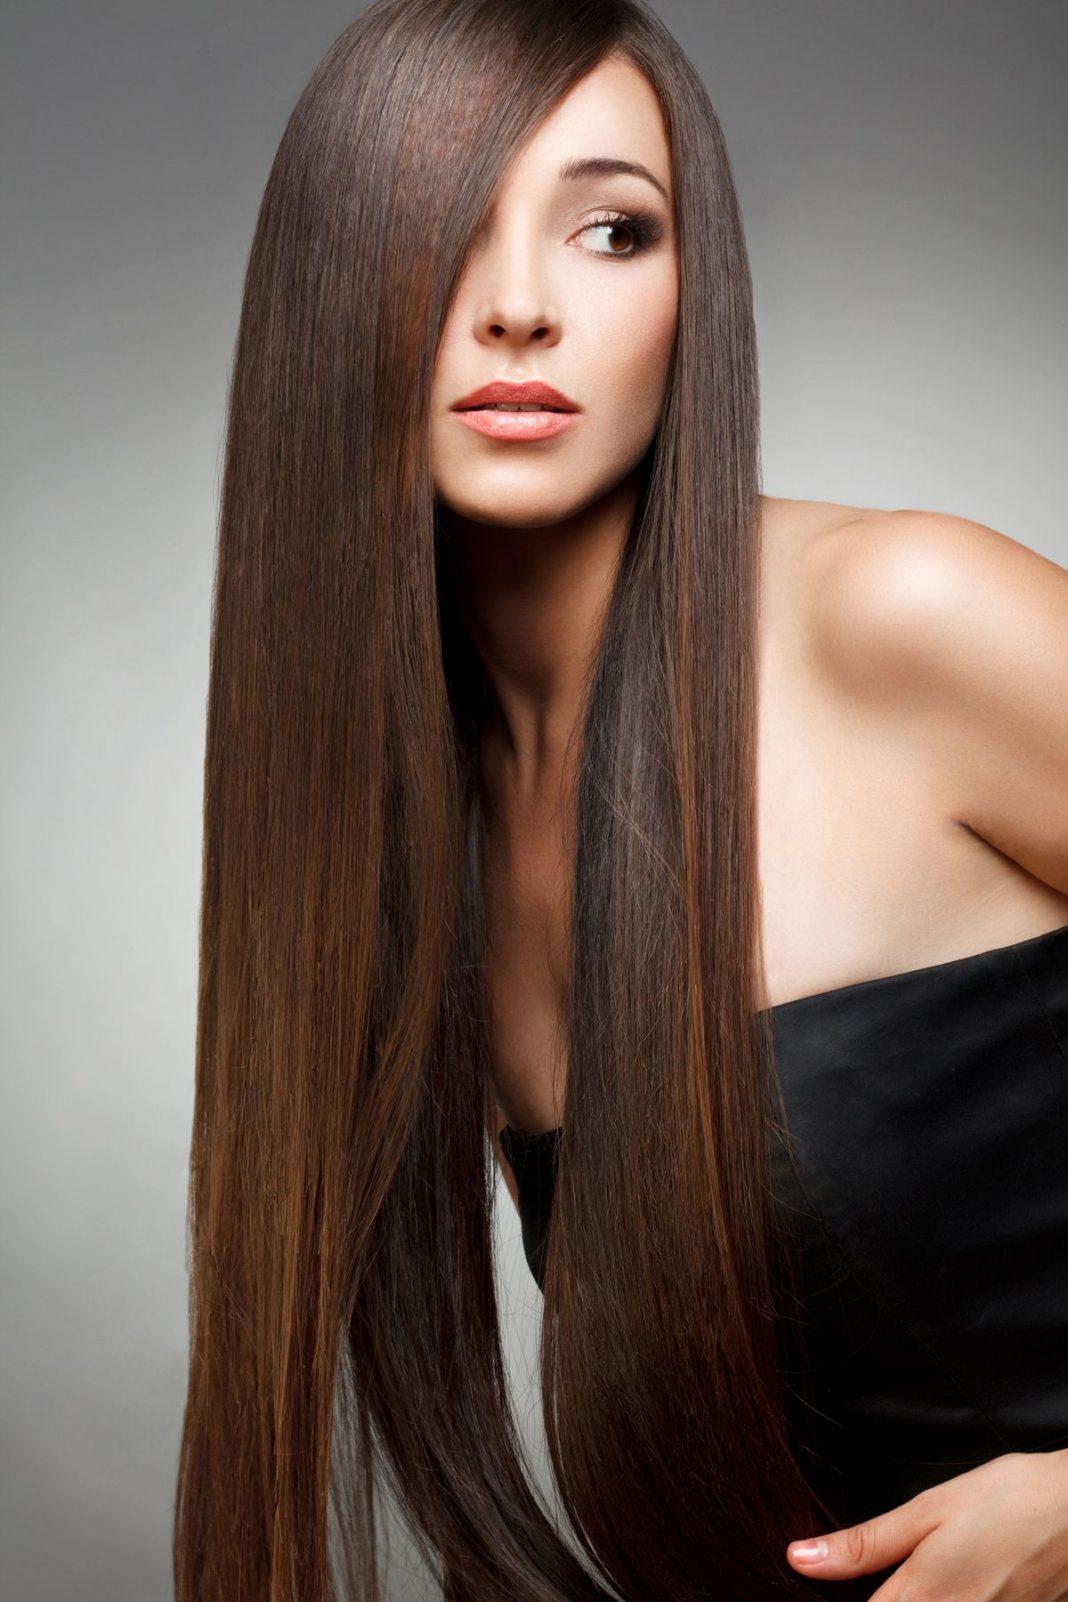 Модные стрижки 2018 на длинные волосы и окрашивание волос